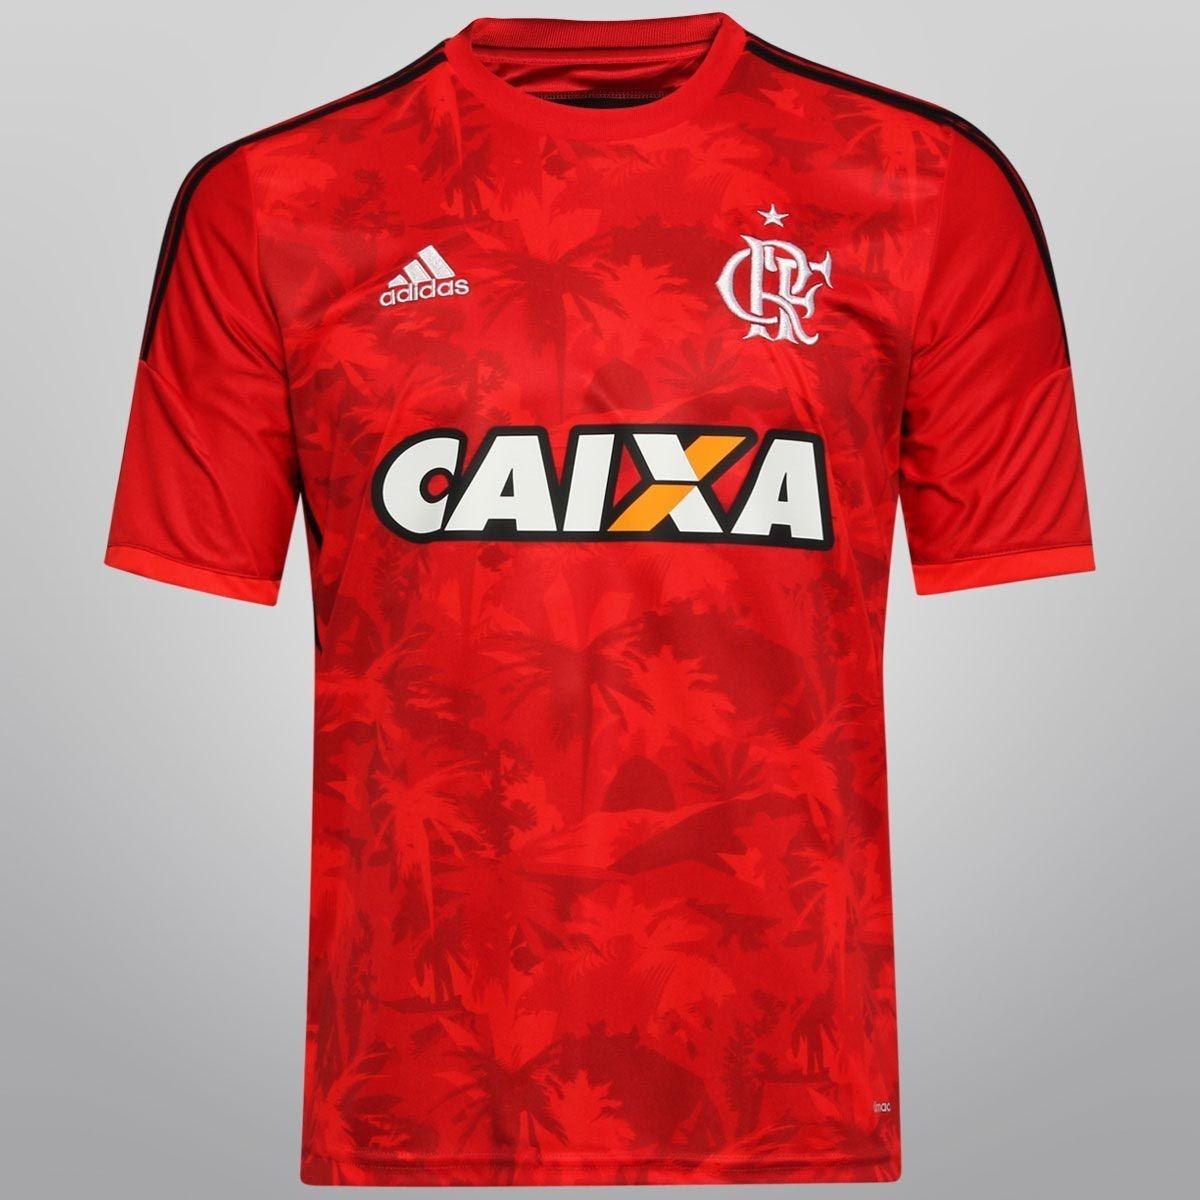 13625709f8b80 camisa flamengo flamengueira adidas - netsportsbr. Carregando zoom.